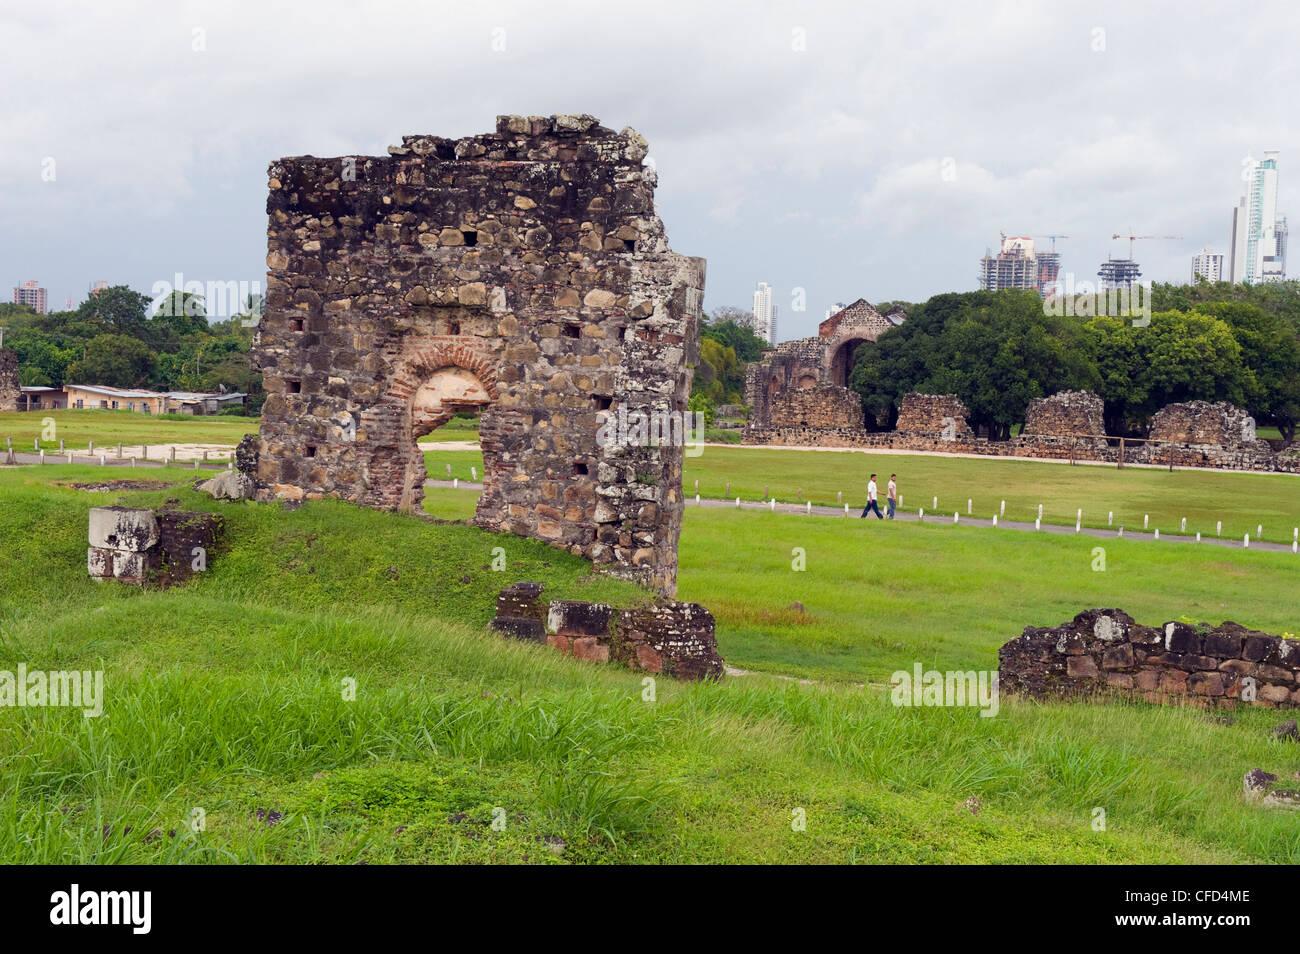 Archäologische Stätte Ruinen von Mittelamerika, Panama City, Panama, Panama Viejo, UNESCO-Weltkulturerbe Stockbild